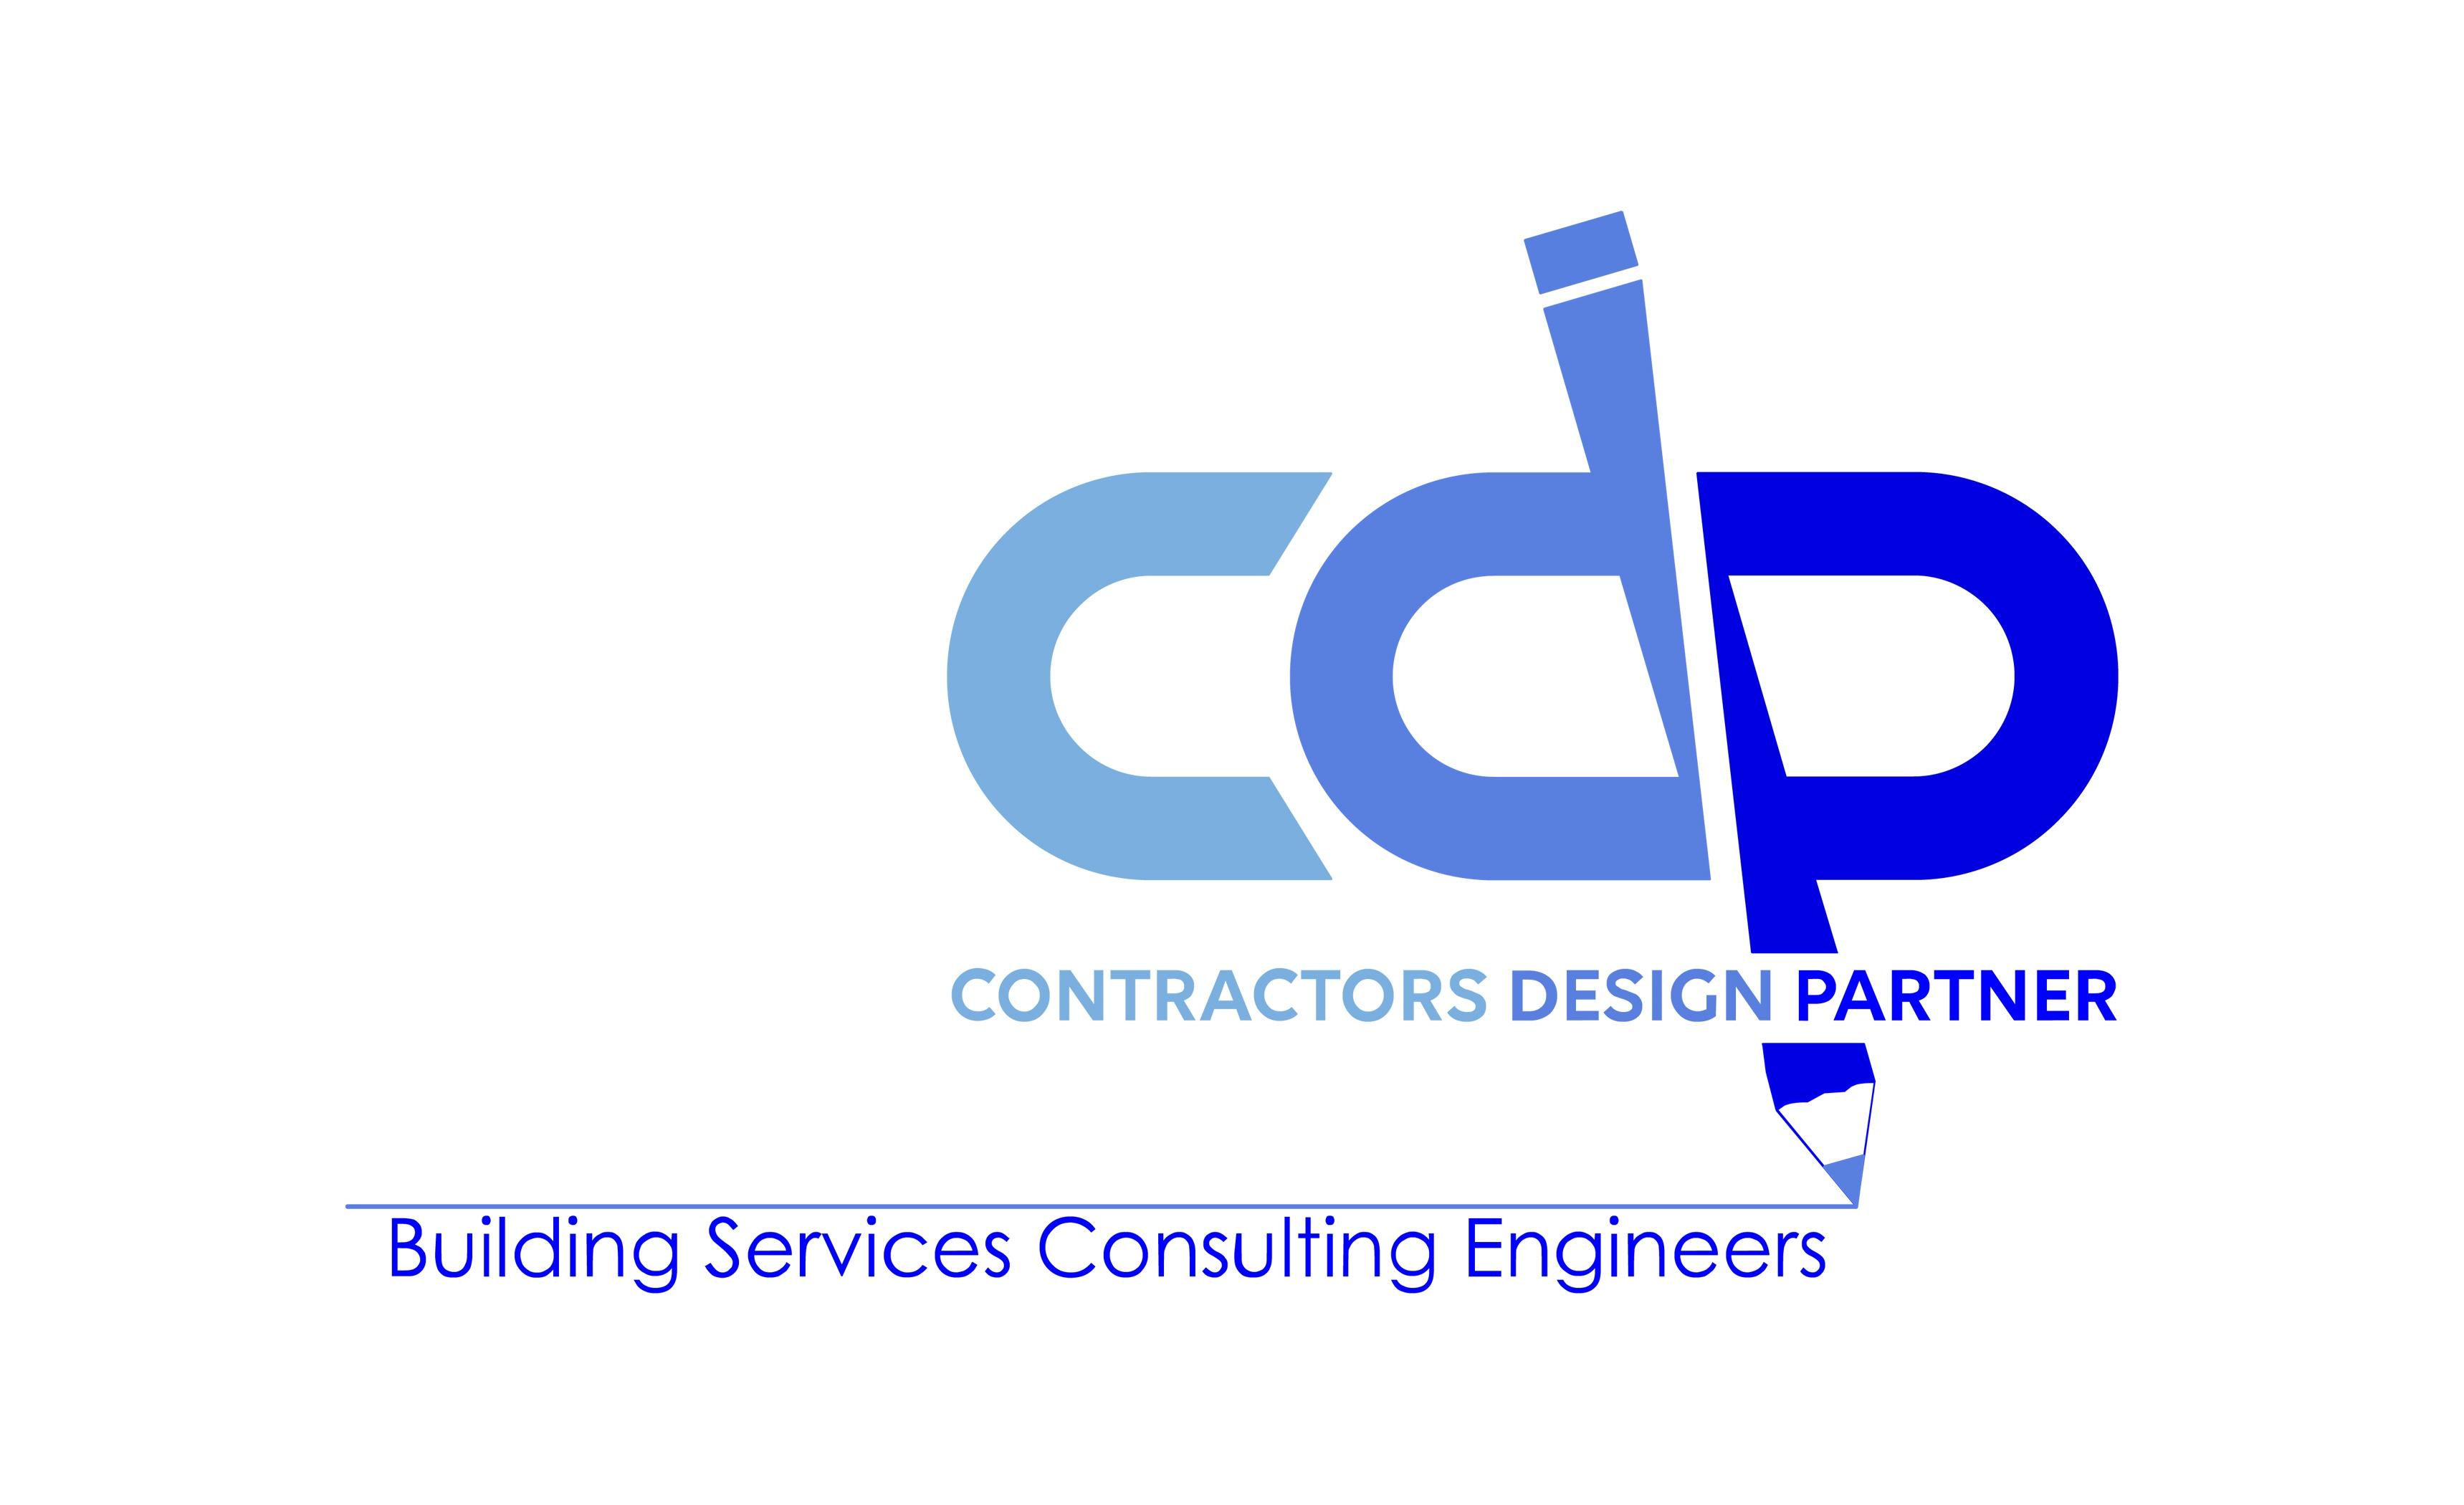 CDP Rebranding image